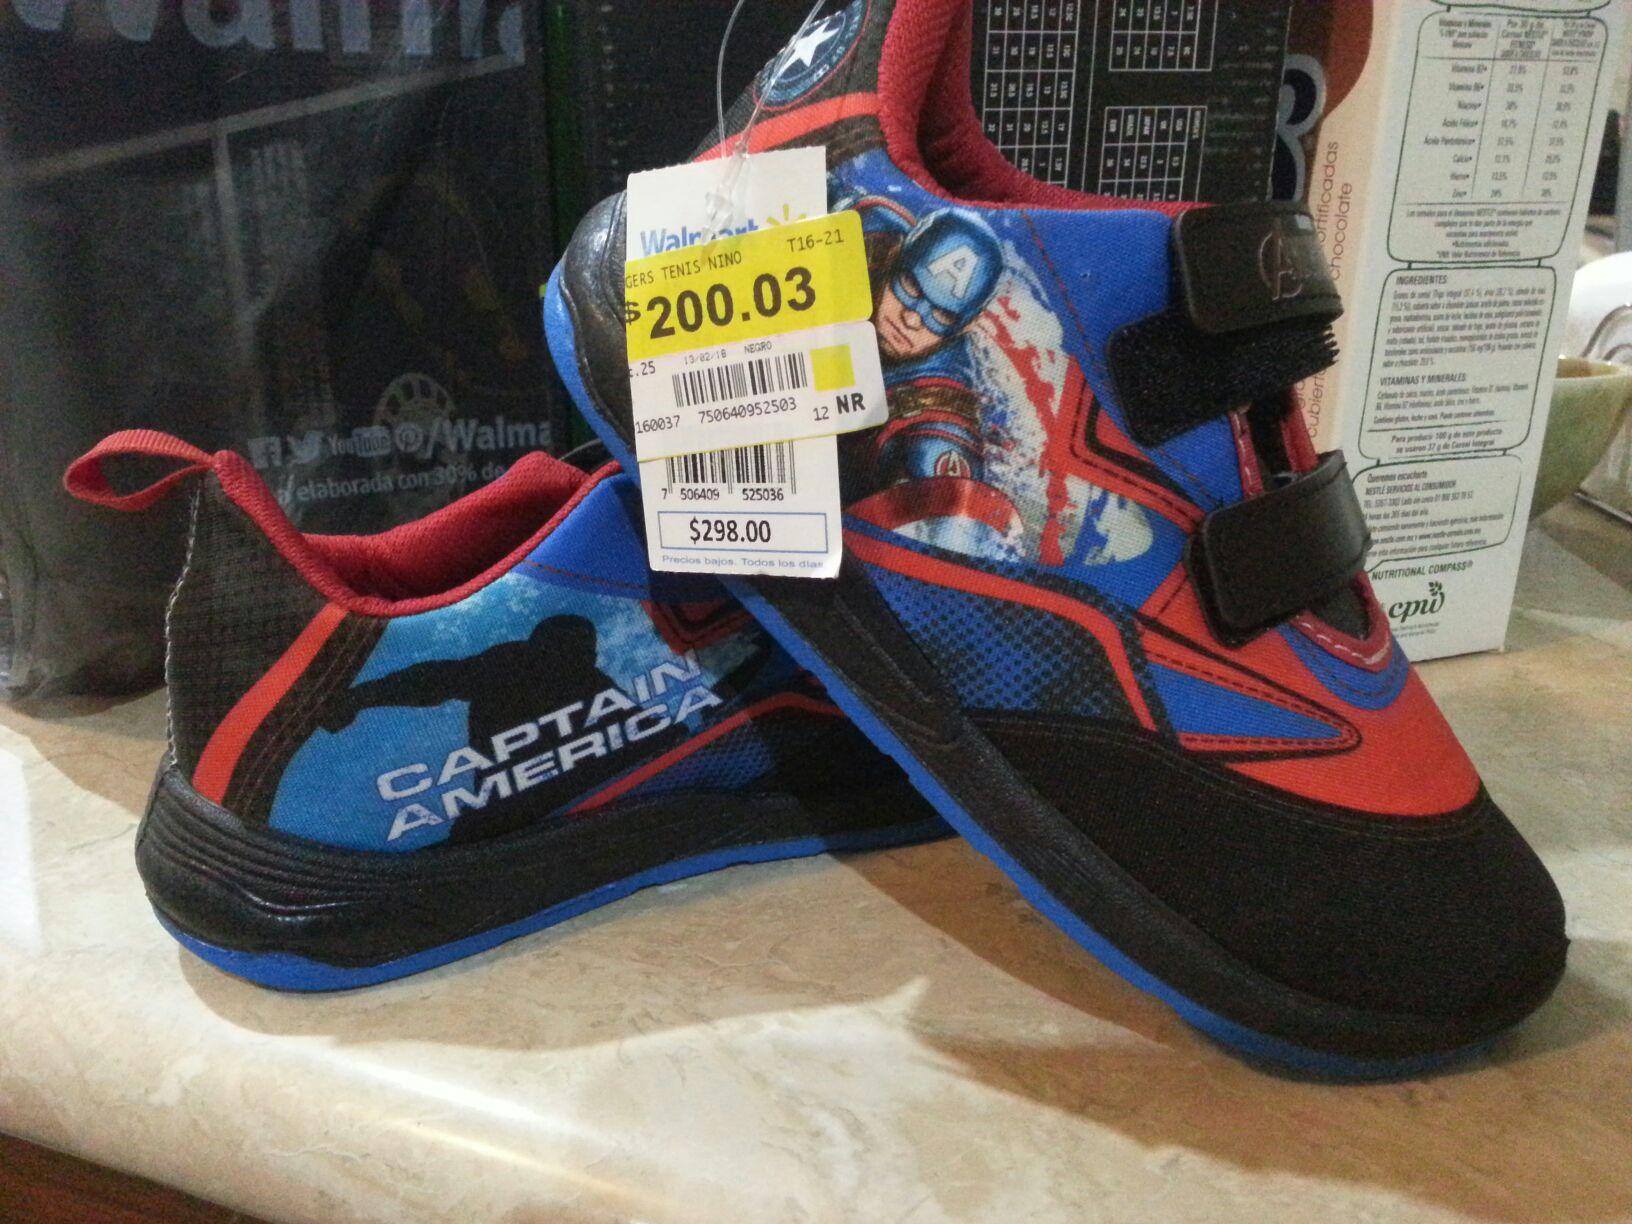 Walmart 3rios Culiacan. Tenis capitán América $ 200.03